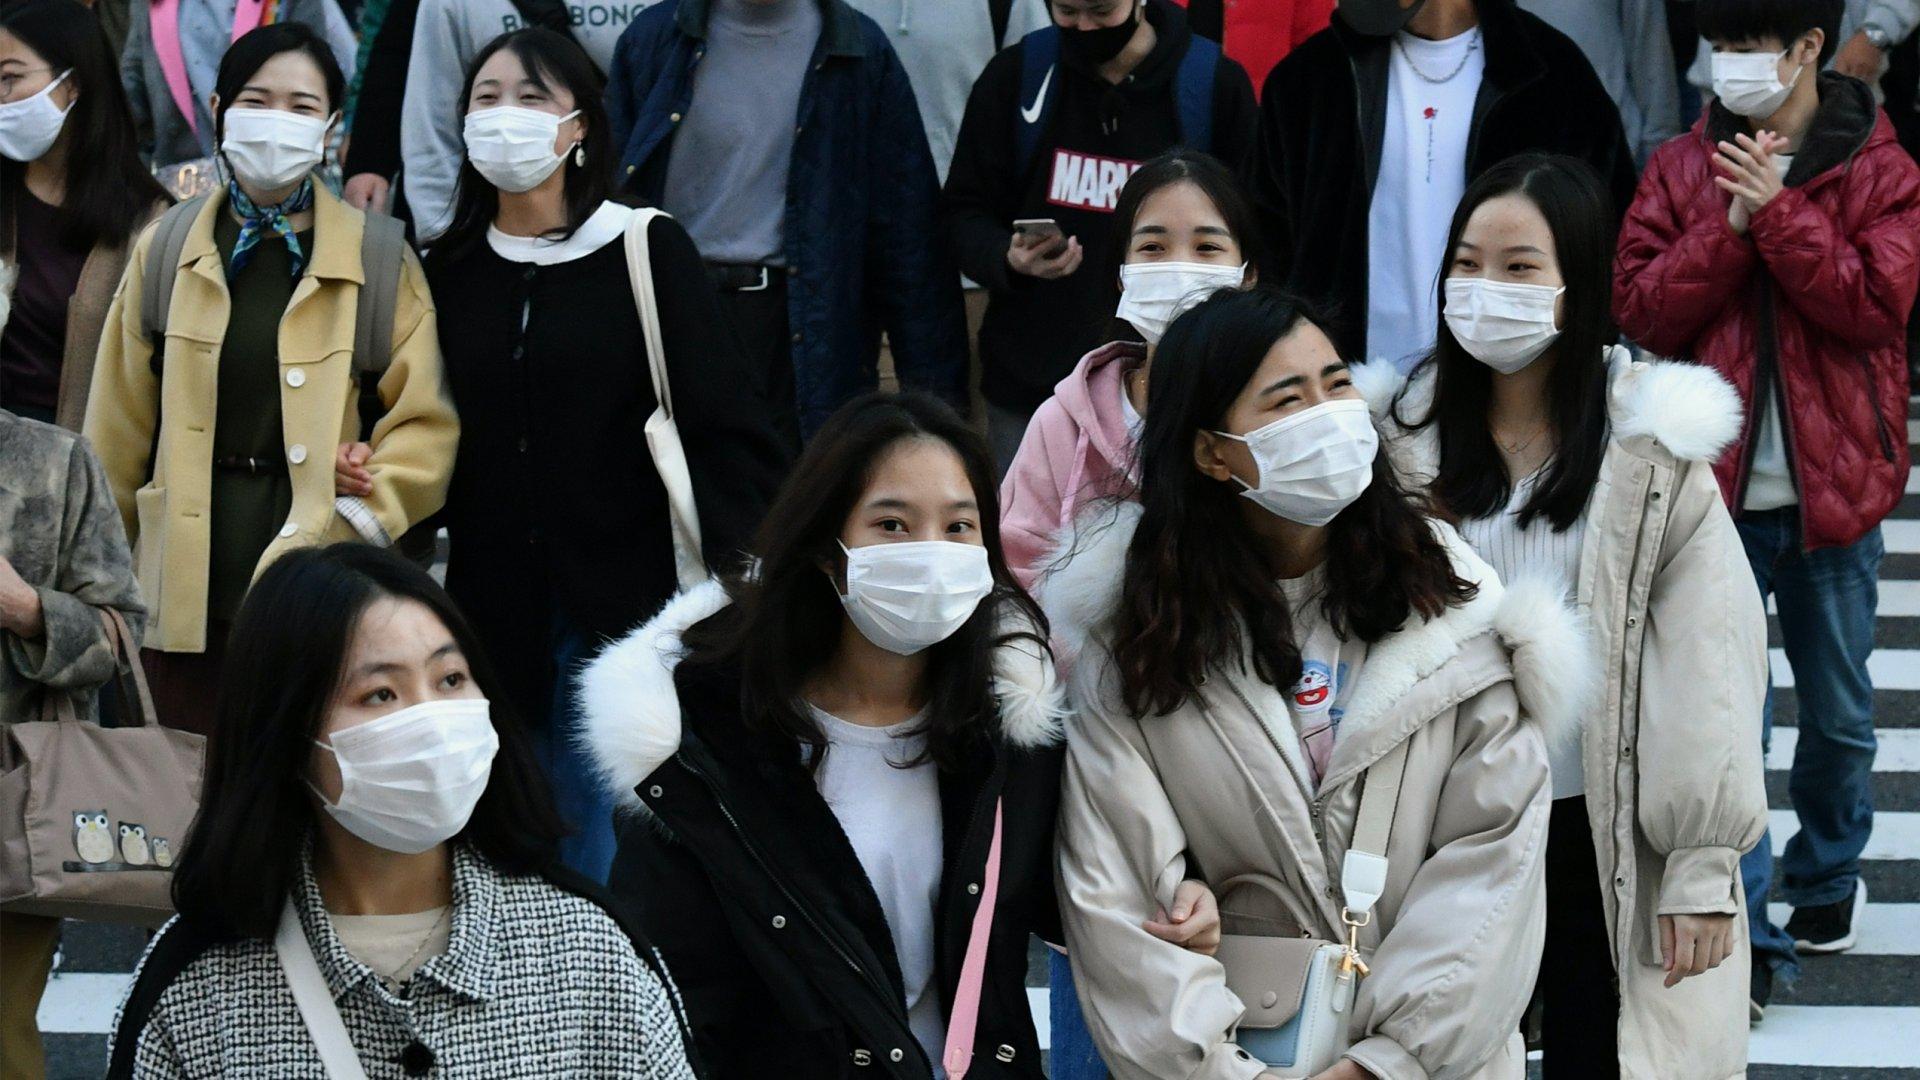 A koronavírus-járvány miatt maszkot viselő járókelők Japánban